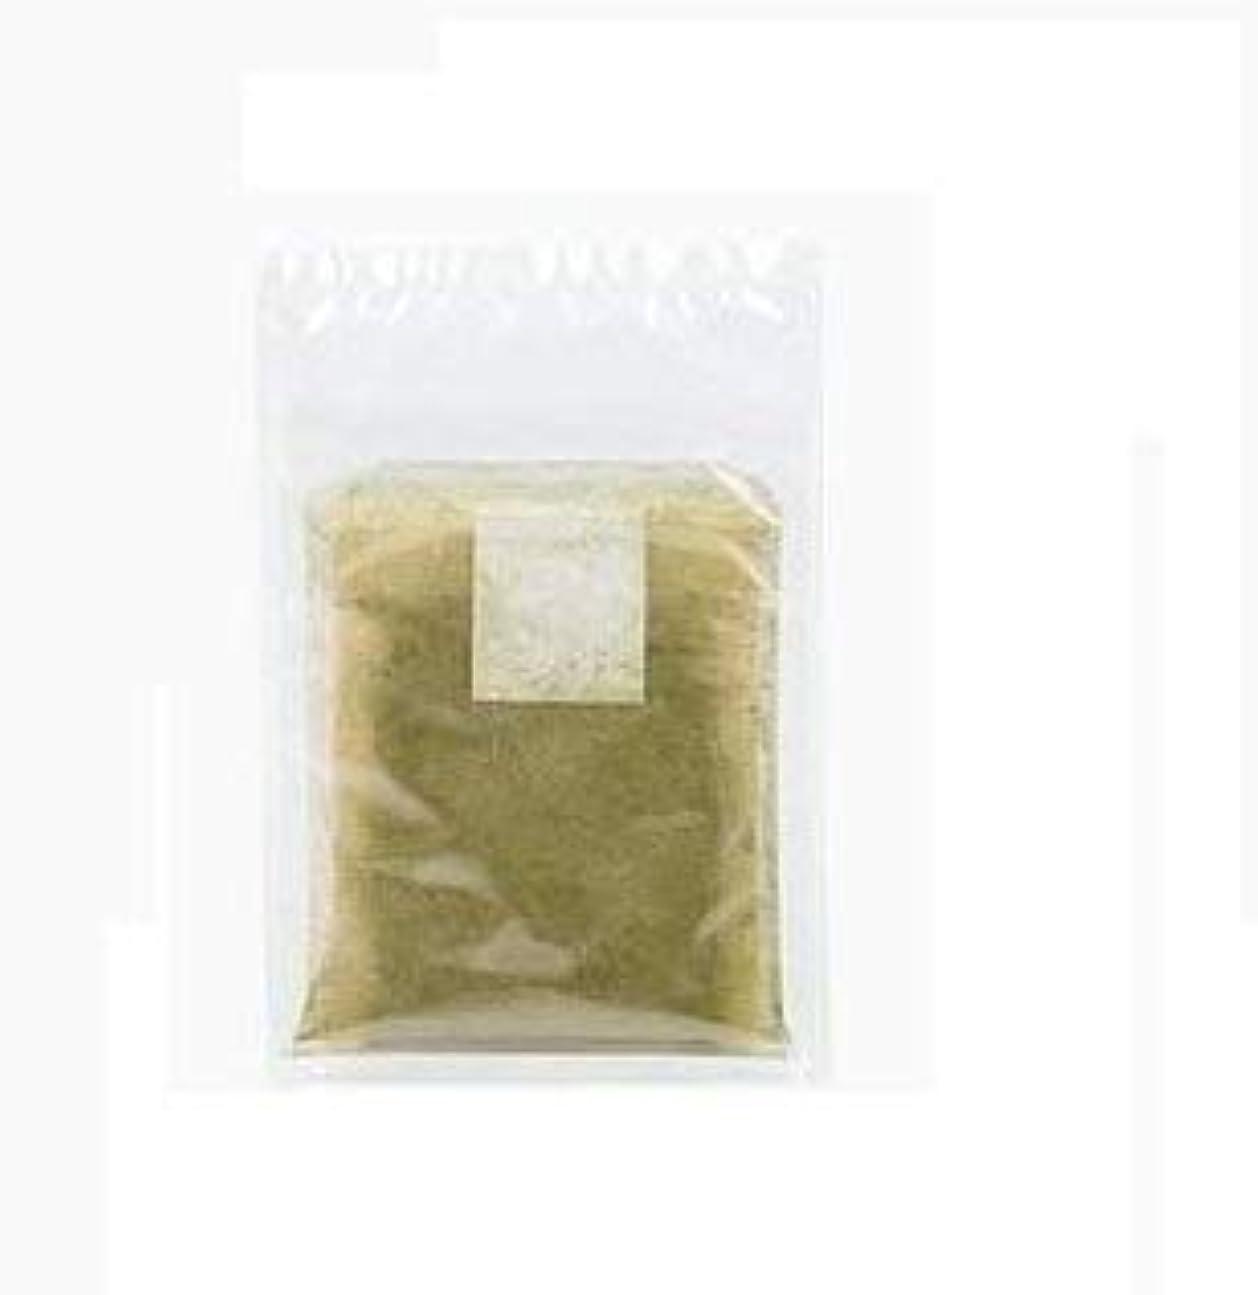 資料参照するバスルームメール便 美身麗茶 びしんれいちゃ 3g×15包 アップルティー味 ダイエット 健康茶 オーガニック デトックス スリム ヘルシー 美容 スリムボディ 日本製